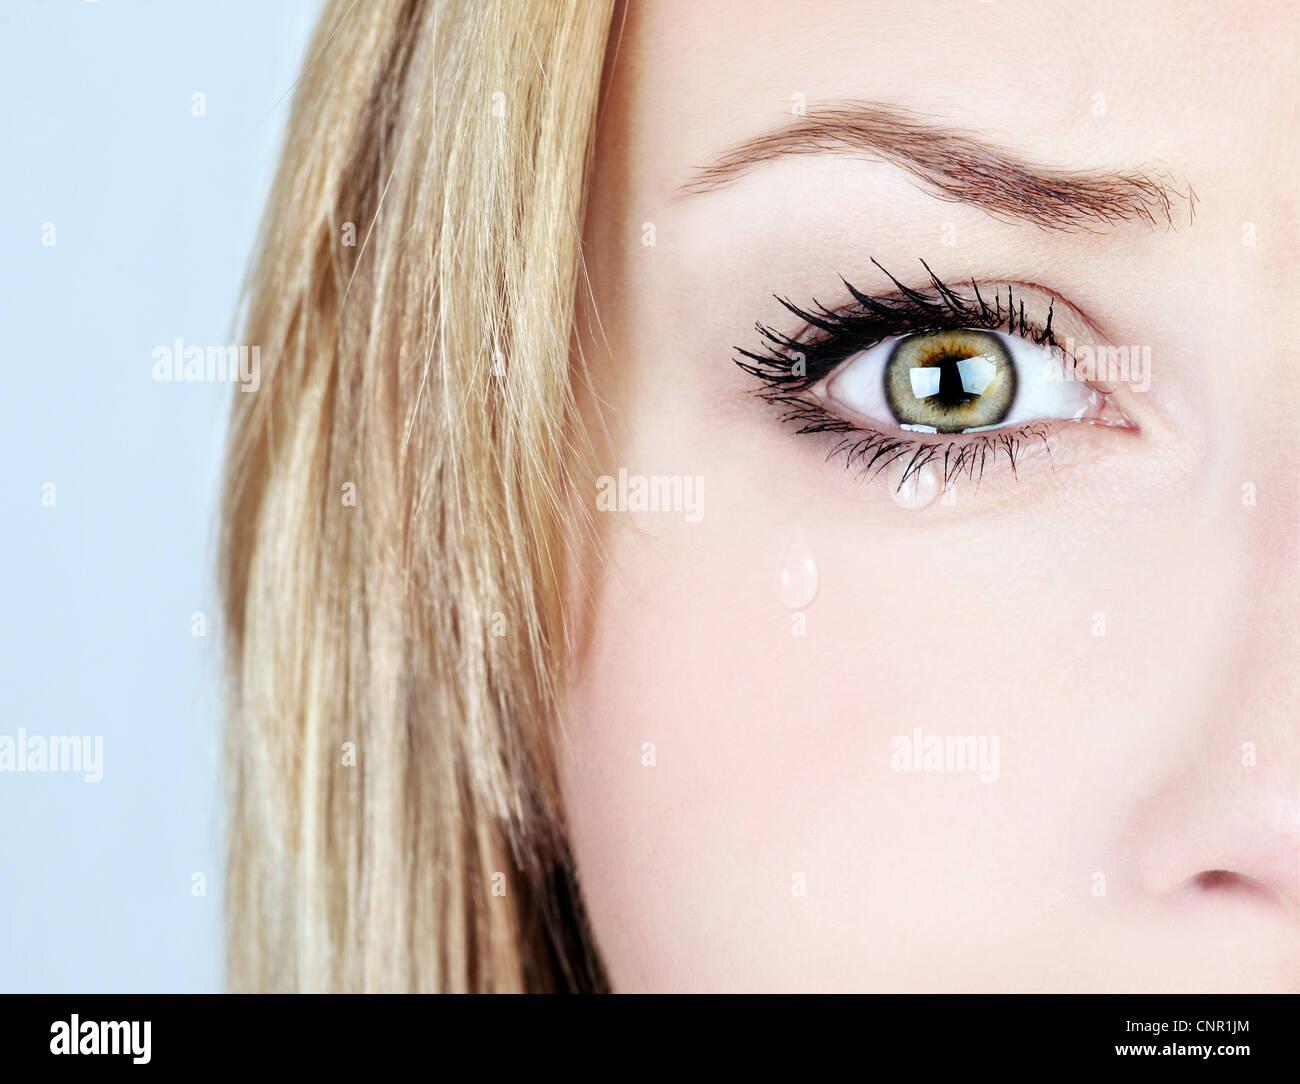 Femme pleurer, beau visage avec larmes, expression du visage, la douleur et le chagrin concept Photo Stock